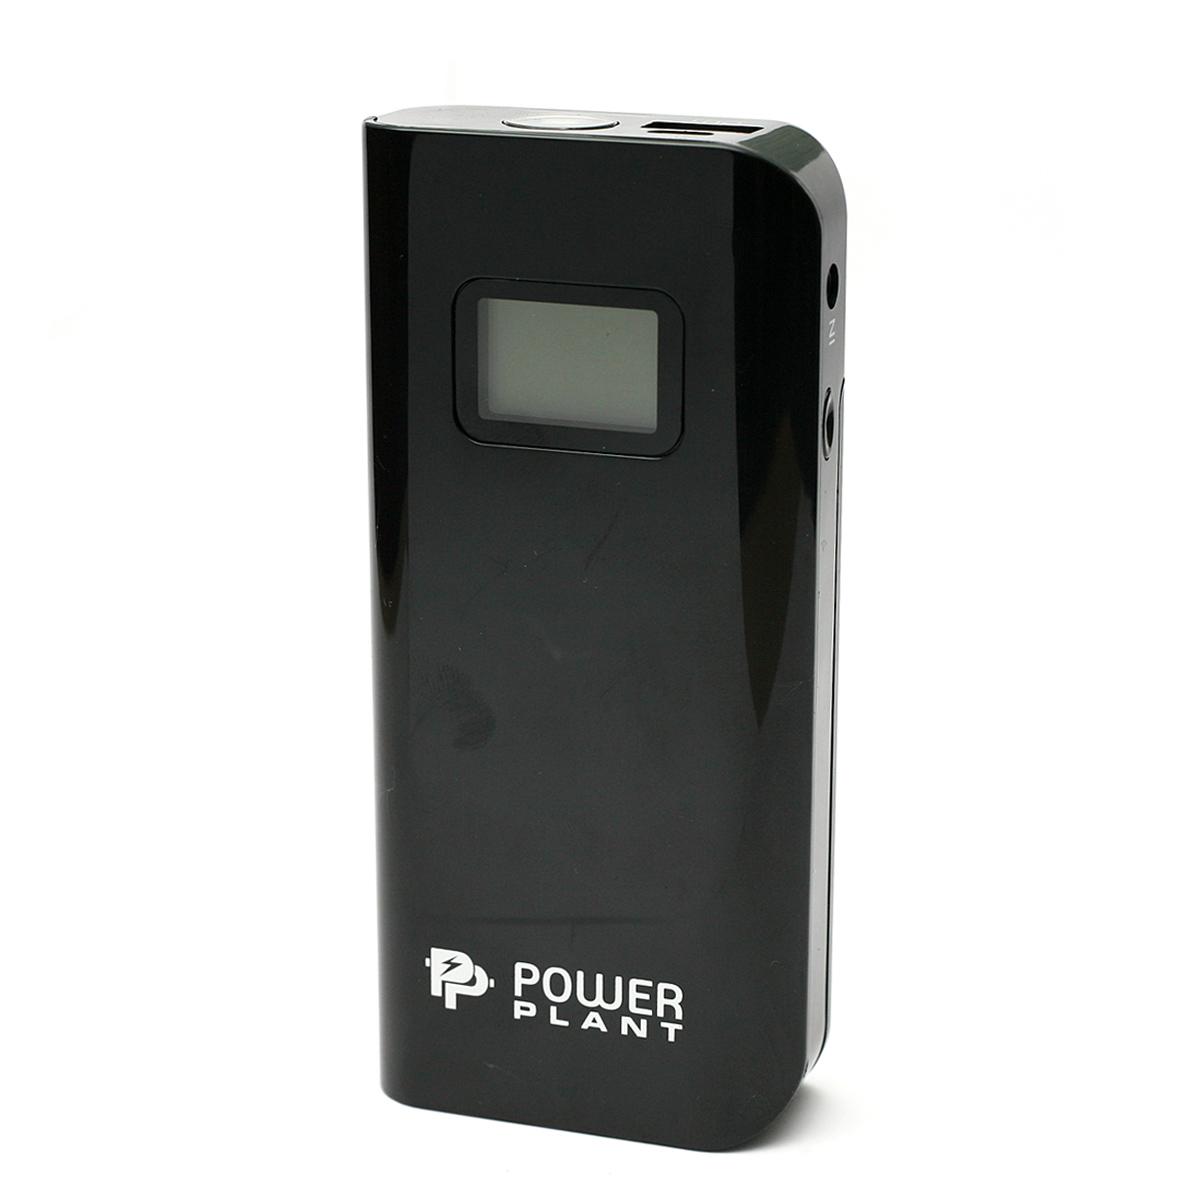 Купить Зарядное устройство / УМБ PowerPlant для аккумуляторов LIR18650/ PS-PC201